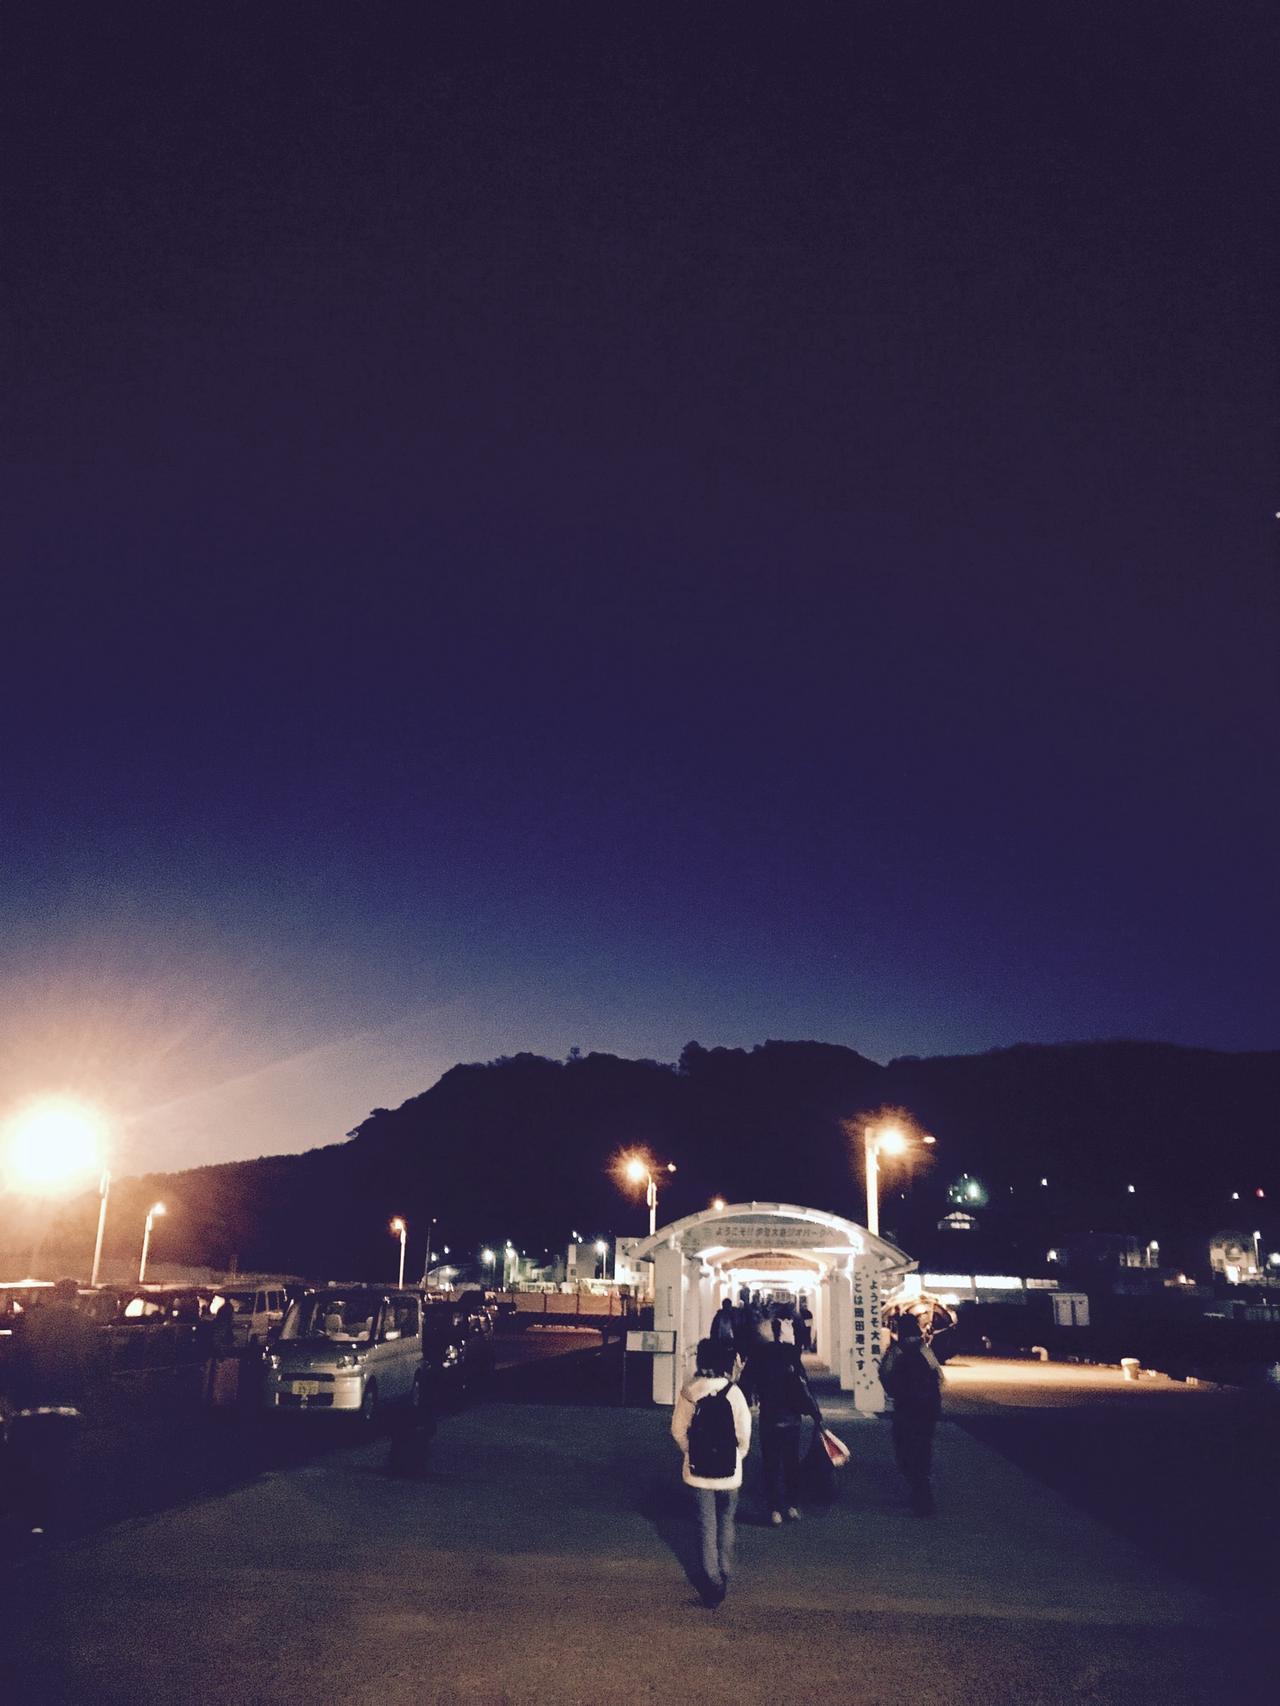 画像: 朝の6時に到着。かなり早い時間だから宿にもまだ入れないし、バイクも借りられない。と言うことで、色々調べたベストは、夜行のフェリー便が出ている日の6時半から開いているという 愛ランドセンター御神火温泉さんへバスで移動。1時間に一本しか出てないから急いで乗ってね。